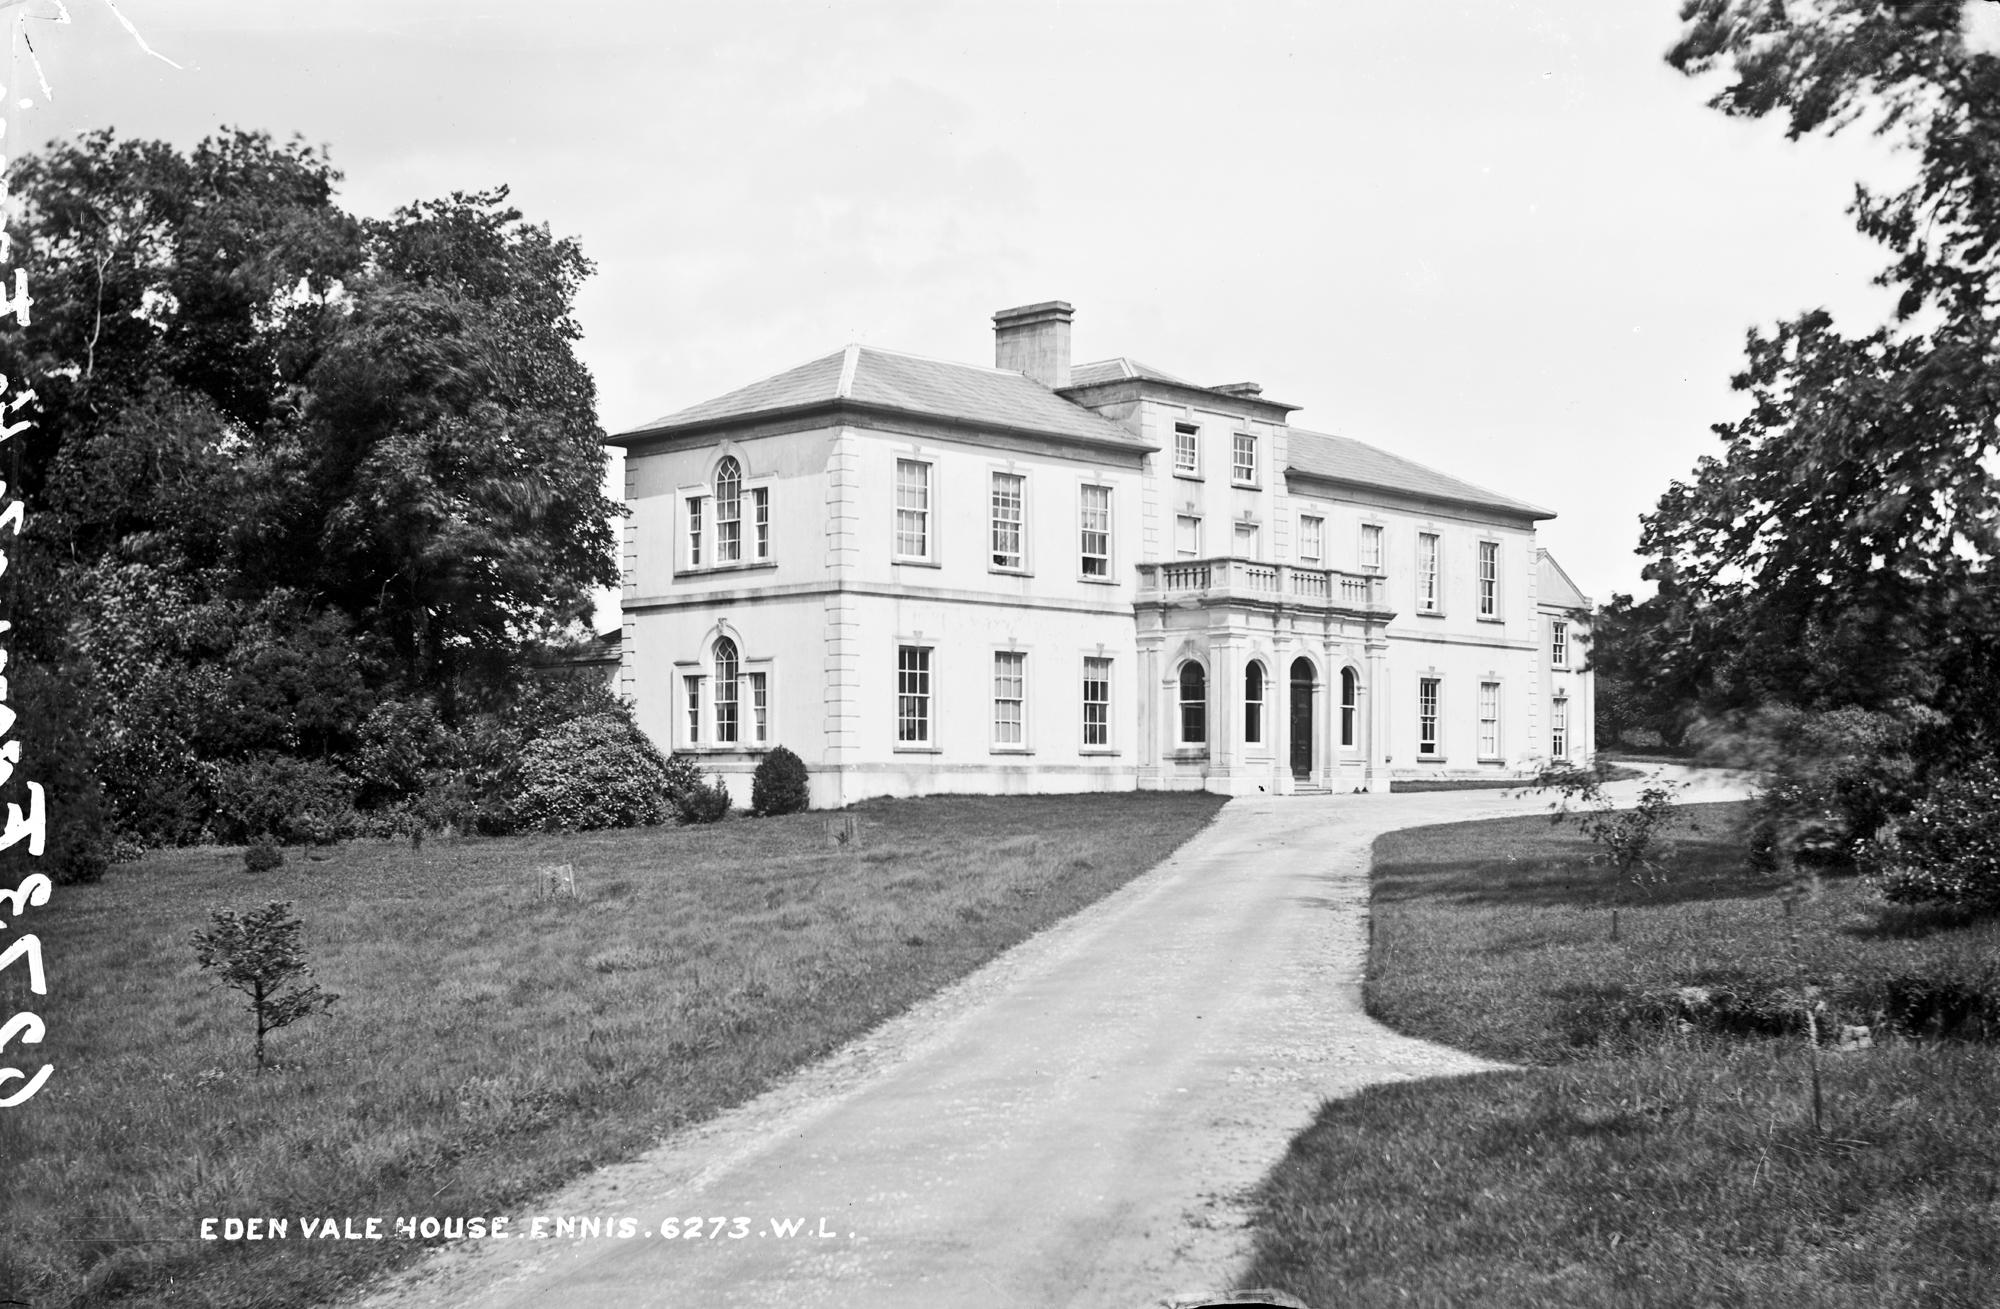 Edenvale, Ennis, Co. Clare